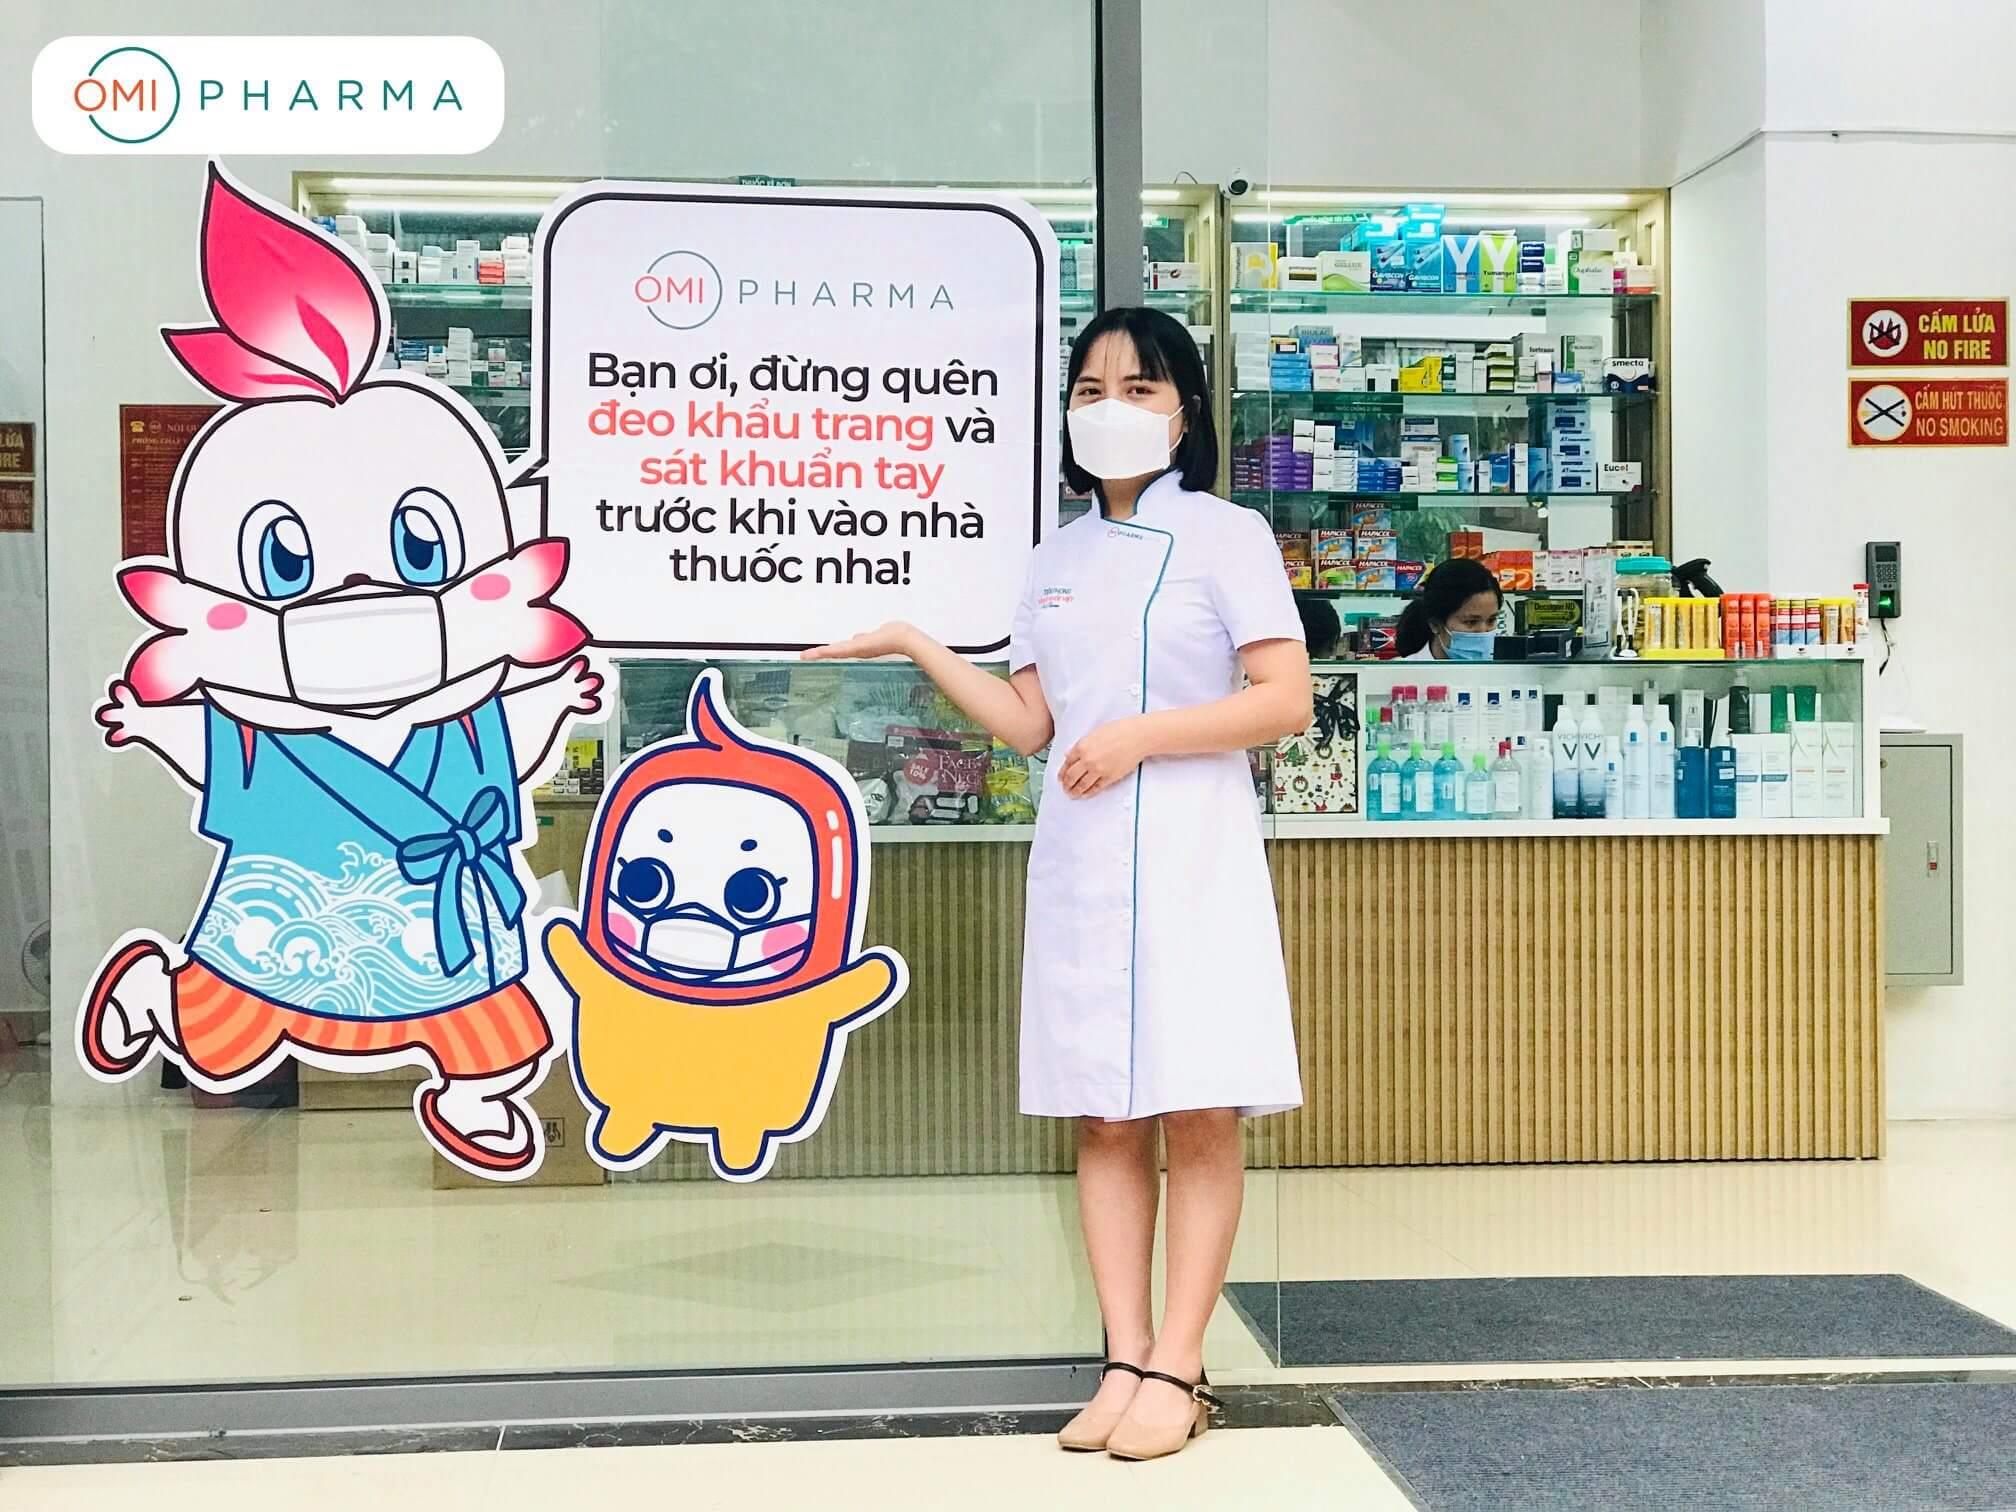 Địa chỉ mua nước rửa tay khô ở Hà Nội, HCM, Đà Nẵng, toàn quốc?